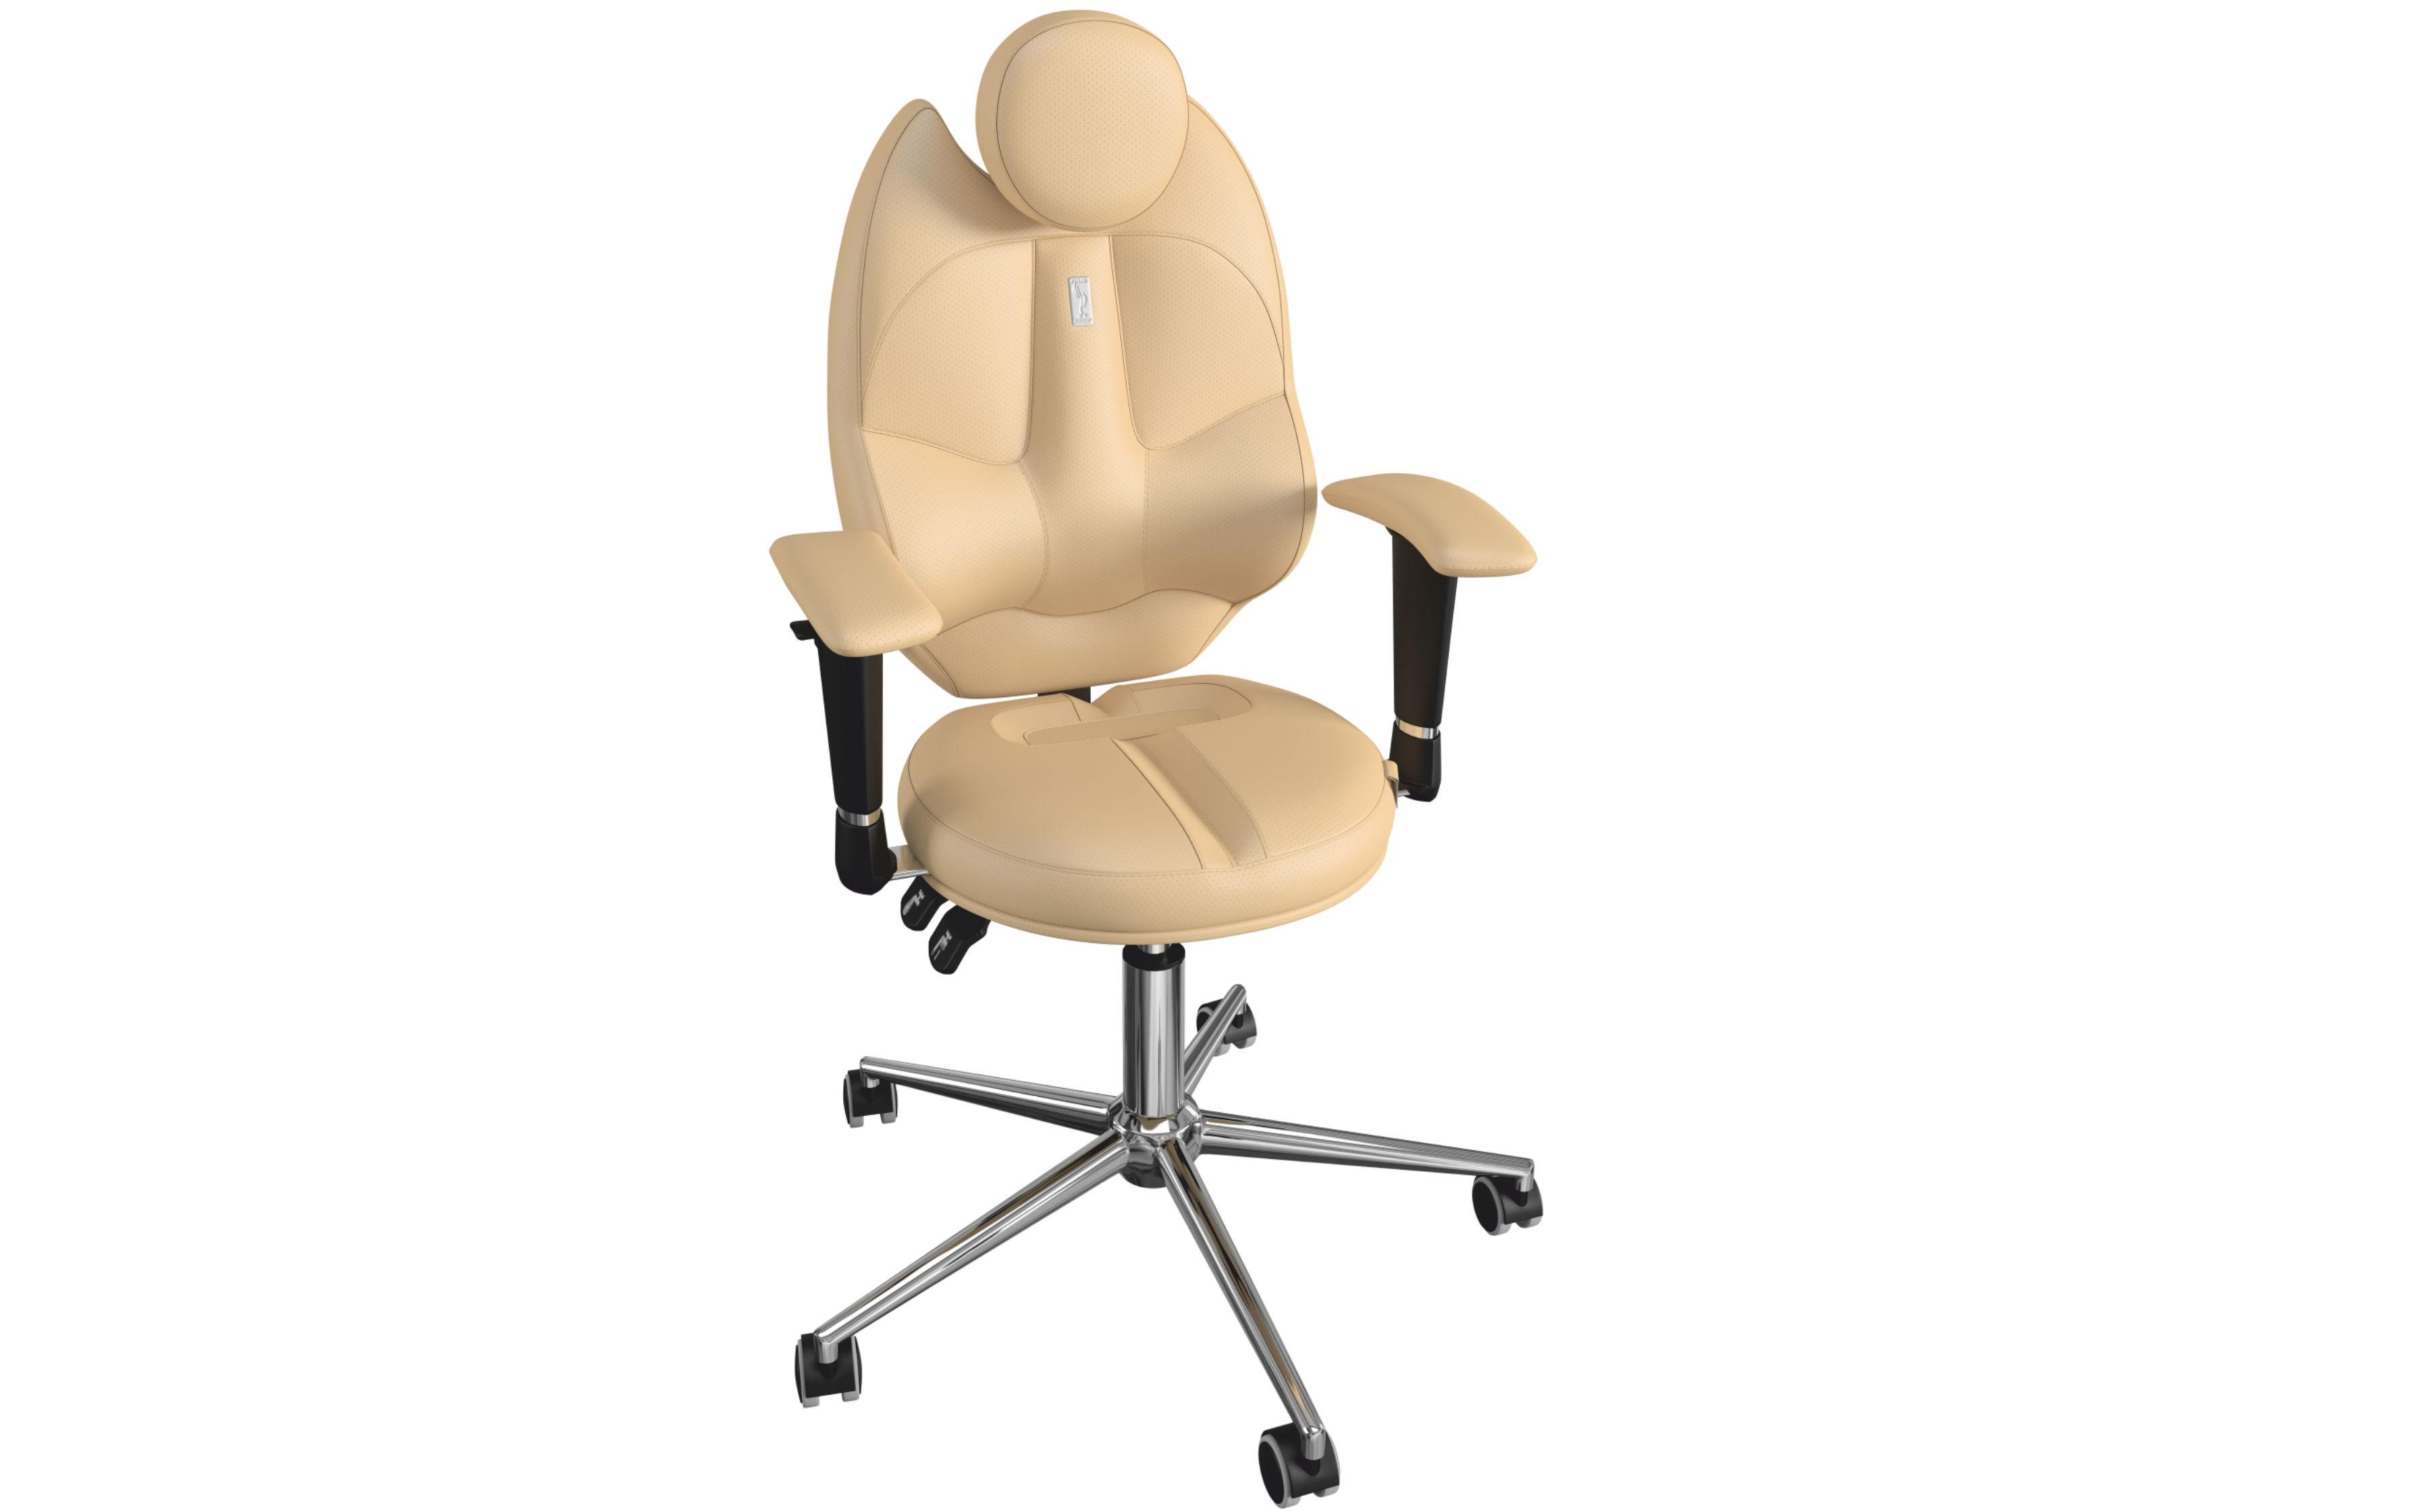 Кресло TRIOРабочие кресла<br>Благодаря своему яркому дизайну, оригинальной форме и мягкости это кресло понравится любому ребенку. Однажды сев в такое кресло, ваше чадо, уже не захочет с него вставать. К тому же, кресло Trio имеет особую эргономичную форму, которая способна сохранять правильную осанку ребенка и устранить детские заболевания позвоночника.&amp;amp;nbsp;<br><br>Material: Кожа<br>Ширина см: 62<br>Высота см: 117<br>Глубина см: 46